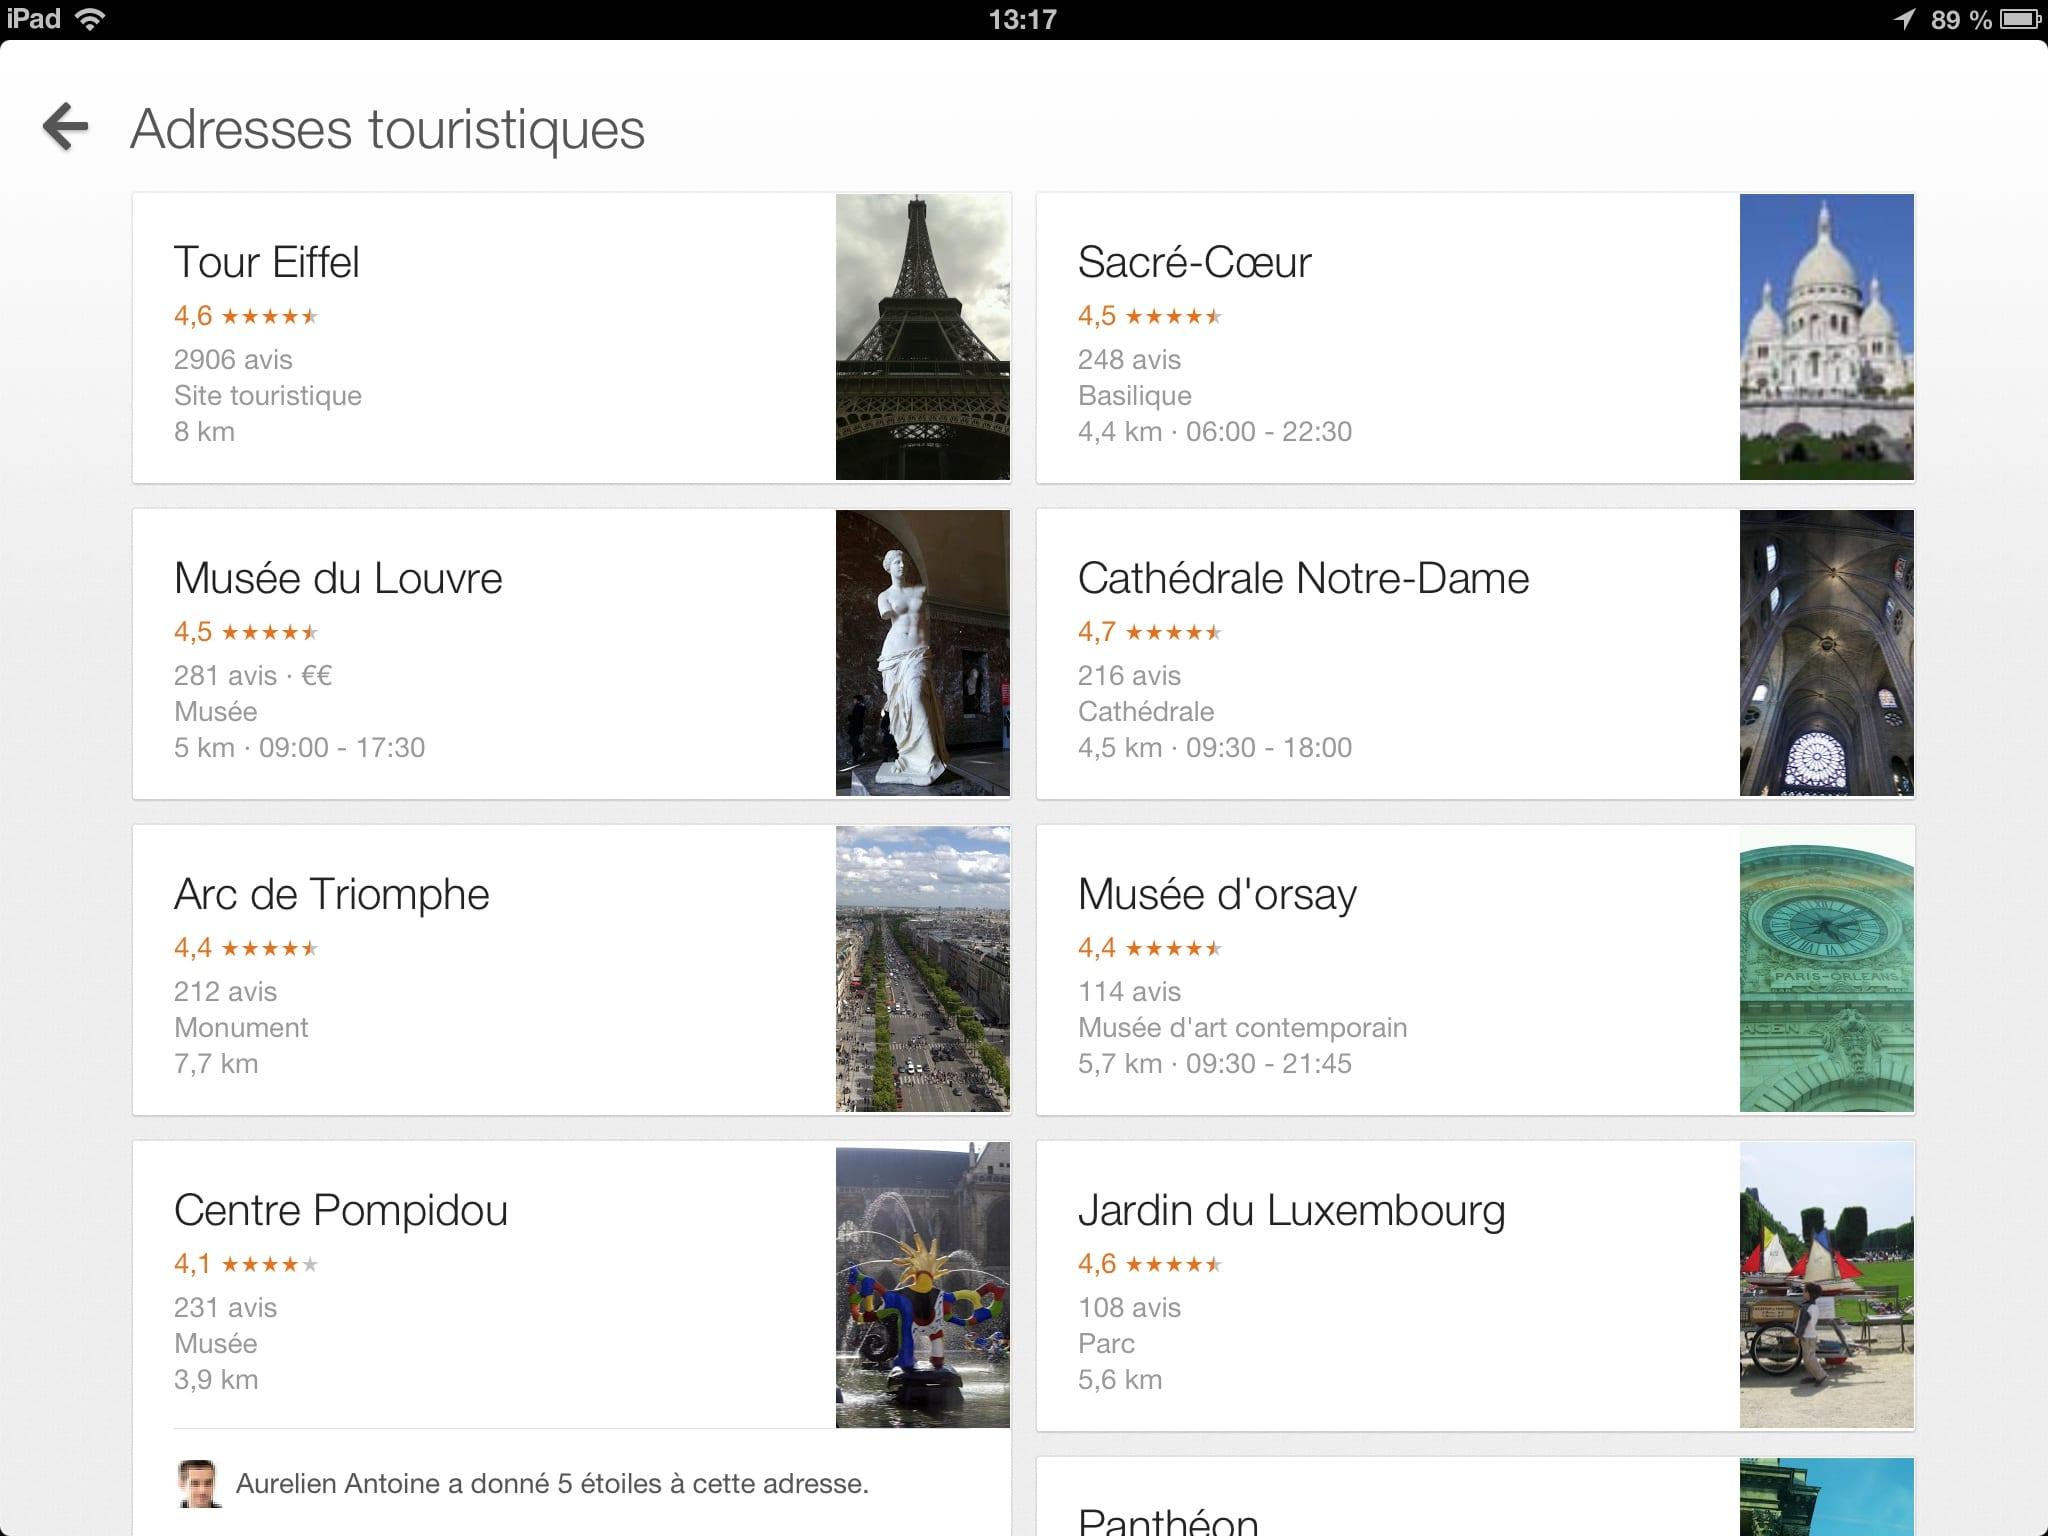 Adresses touristiques sur google maps